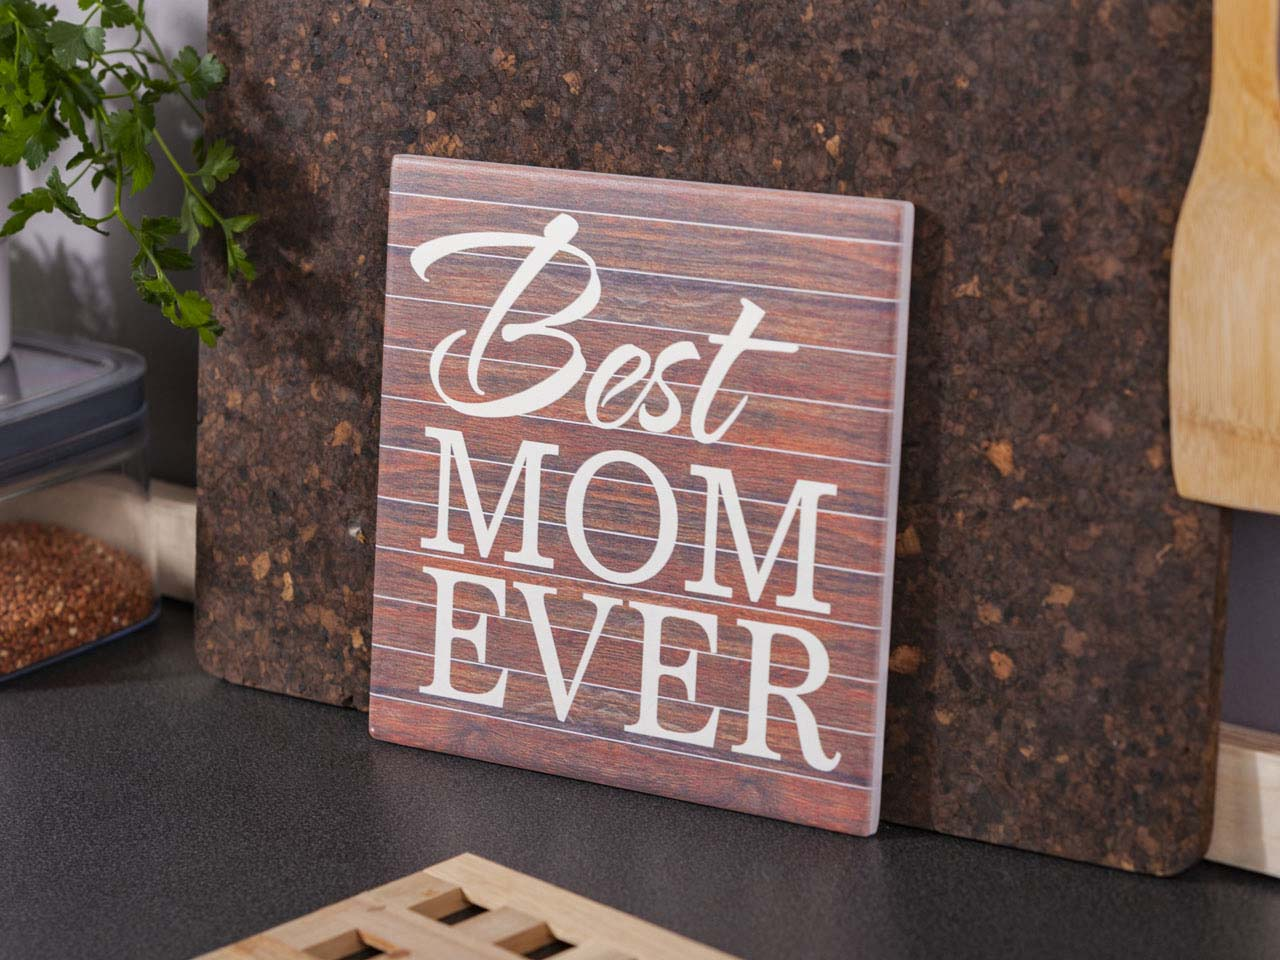 Deska dekoracyjna / podkładka pod garnek ceramiczna Altom Design Best Mom Ever 20 x 20 cm